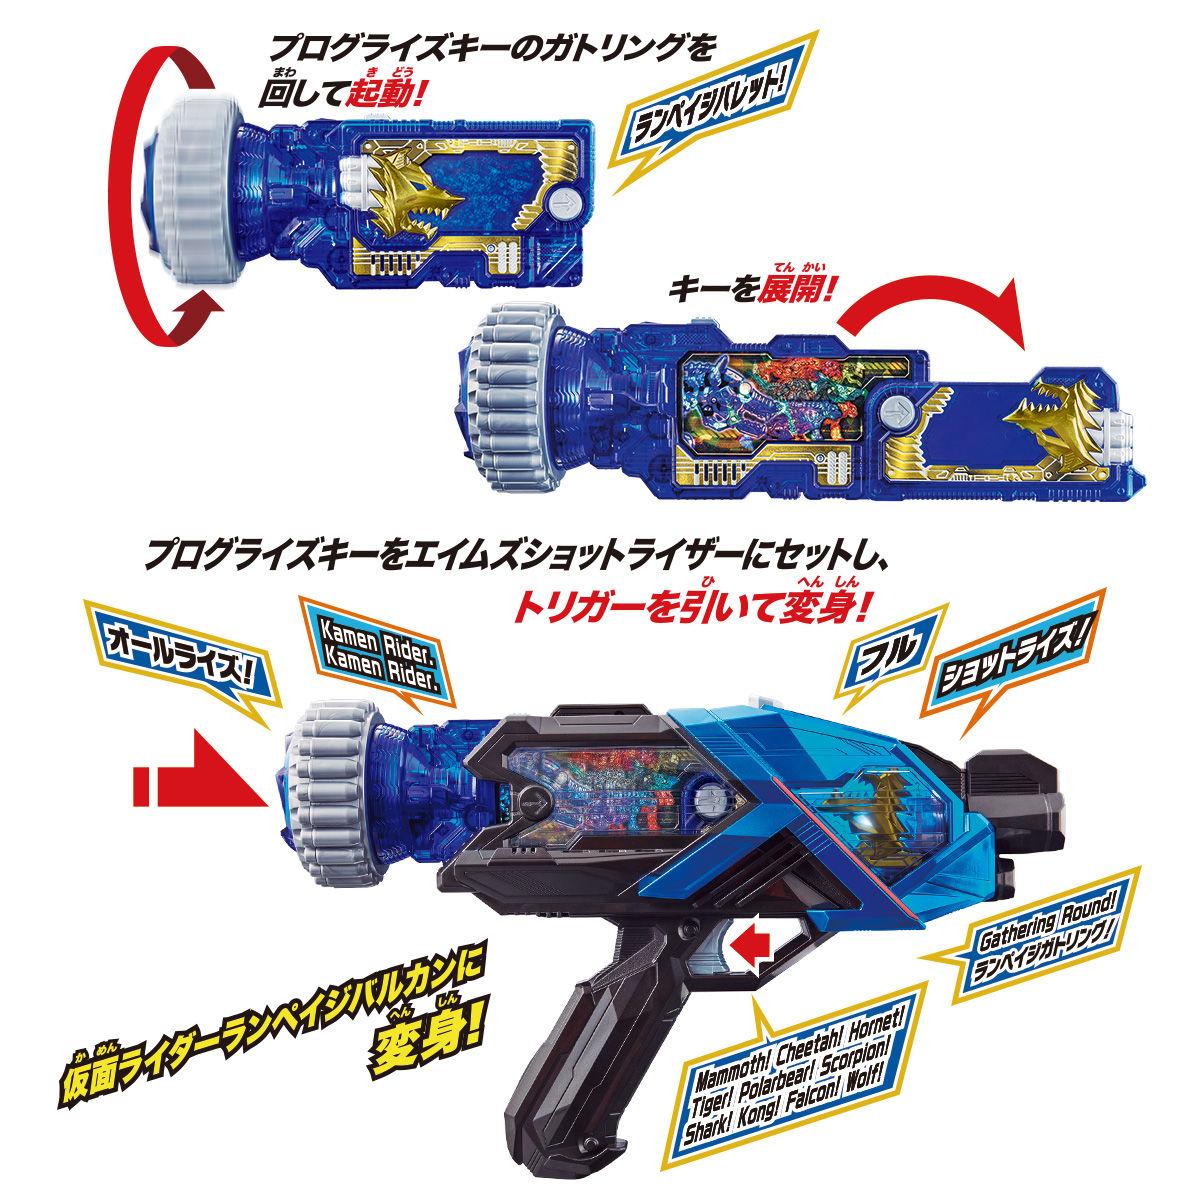 仮面ライダーゼロワン『DXランペイジガトリングプログライズキー』変身なりきり-003